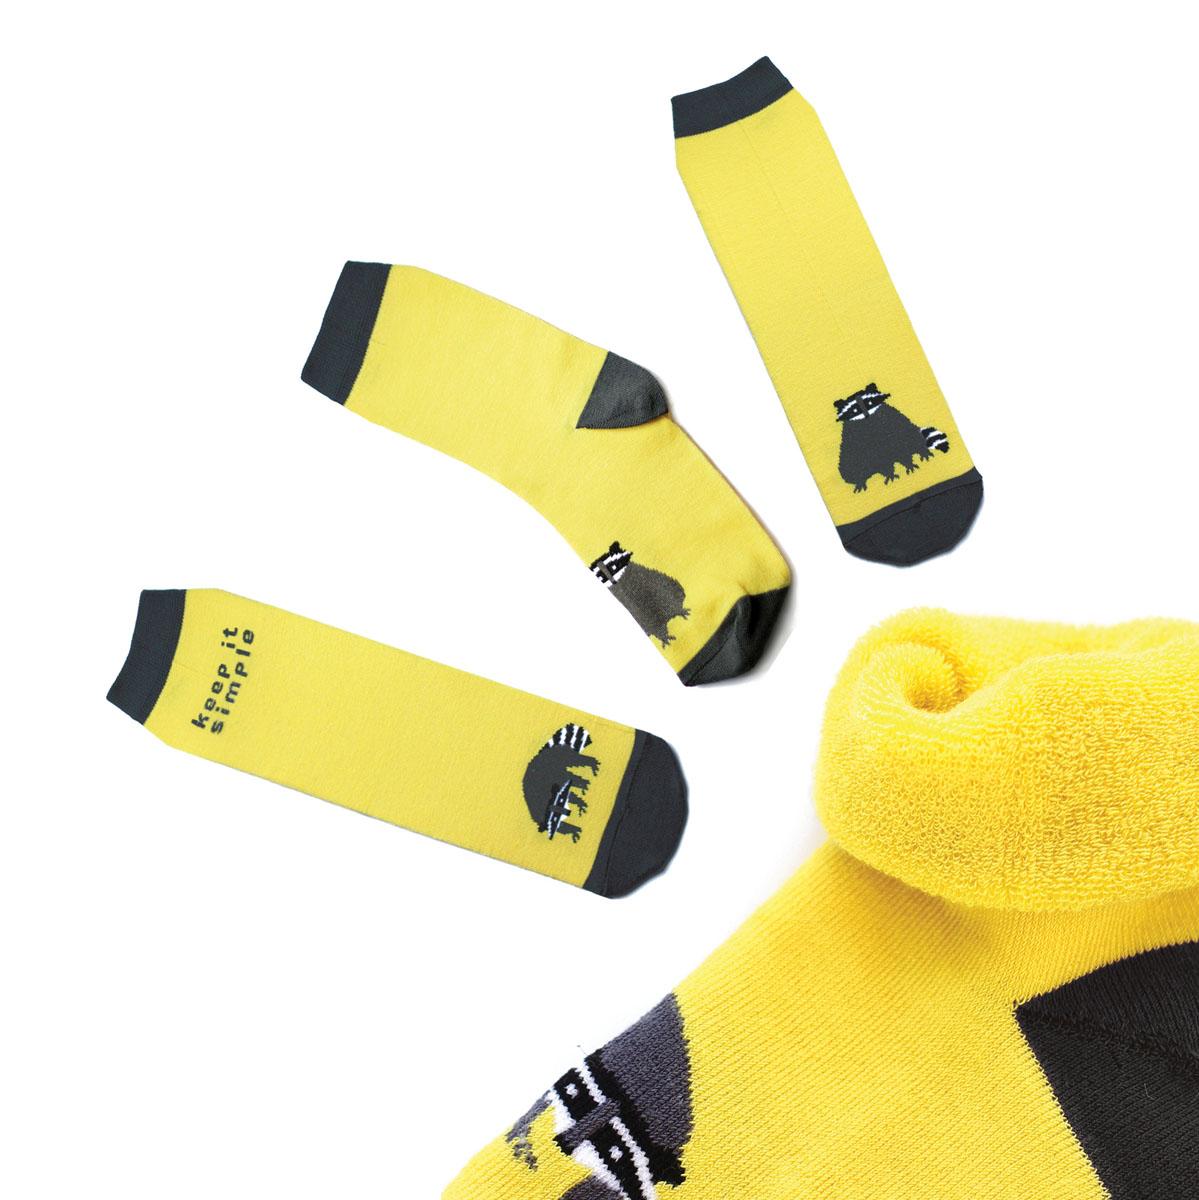 Носки женские Big Bang Socks, цвет: желтый, черный. ca1223. Размер 35/39ca1223Яркие женские носки Big Bang Socks изготовлены из высококачественного хлопка с добавлением полиамидных и эластановых волокон, которые обеспечивают великолепную посадку. Носки отличаются ярким стильным дизайном. Они оформлены изображением енота и надписью на английском языке. Удобная резинка идеально облегает ногу и не пережимает сосуды, усиленные пятка и мысок повышают износоустойчивость носка, а удлиненный паголенок придает более эстетичный вид. Дизайнерские носки Big Bang Socks - яркая деталь в вашем образе и оригинальный подарок для друзей и близких.